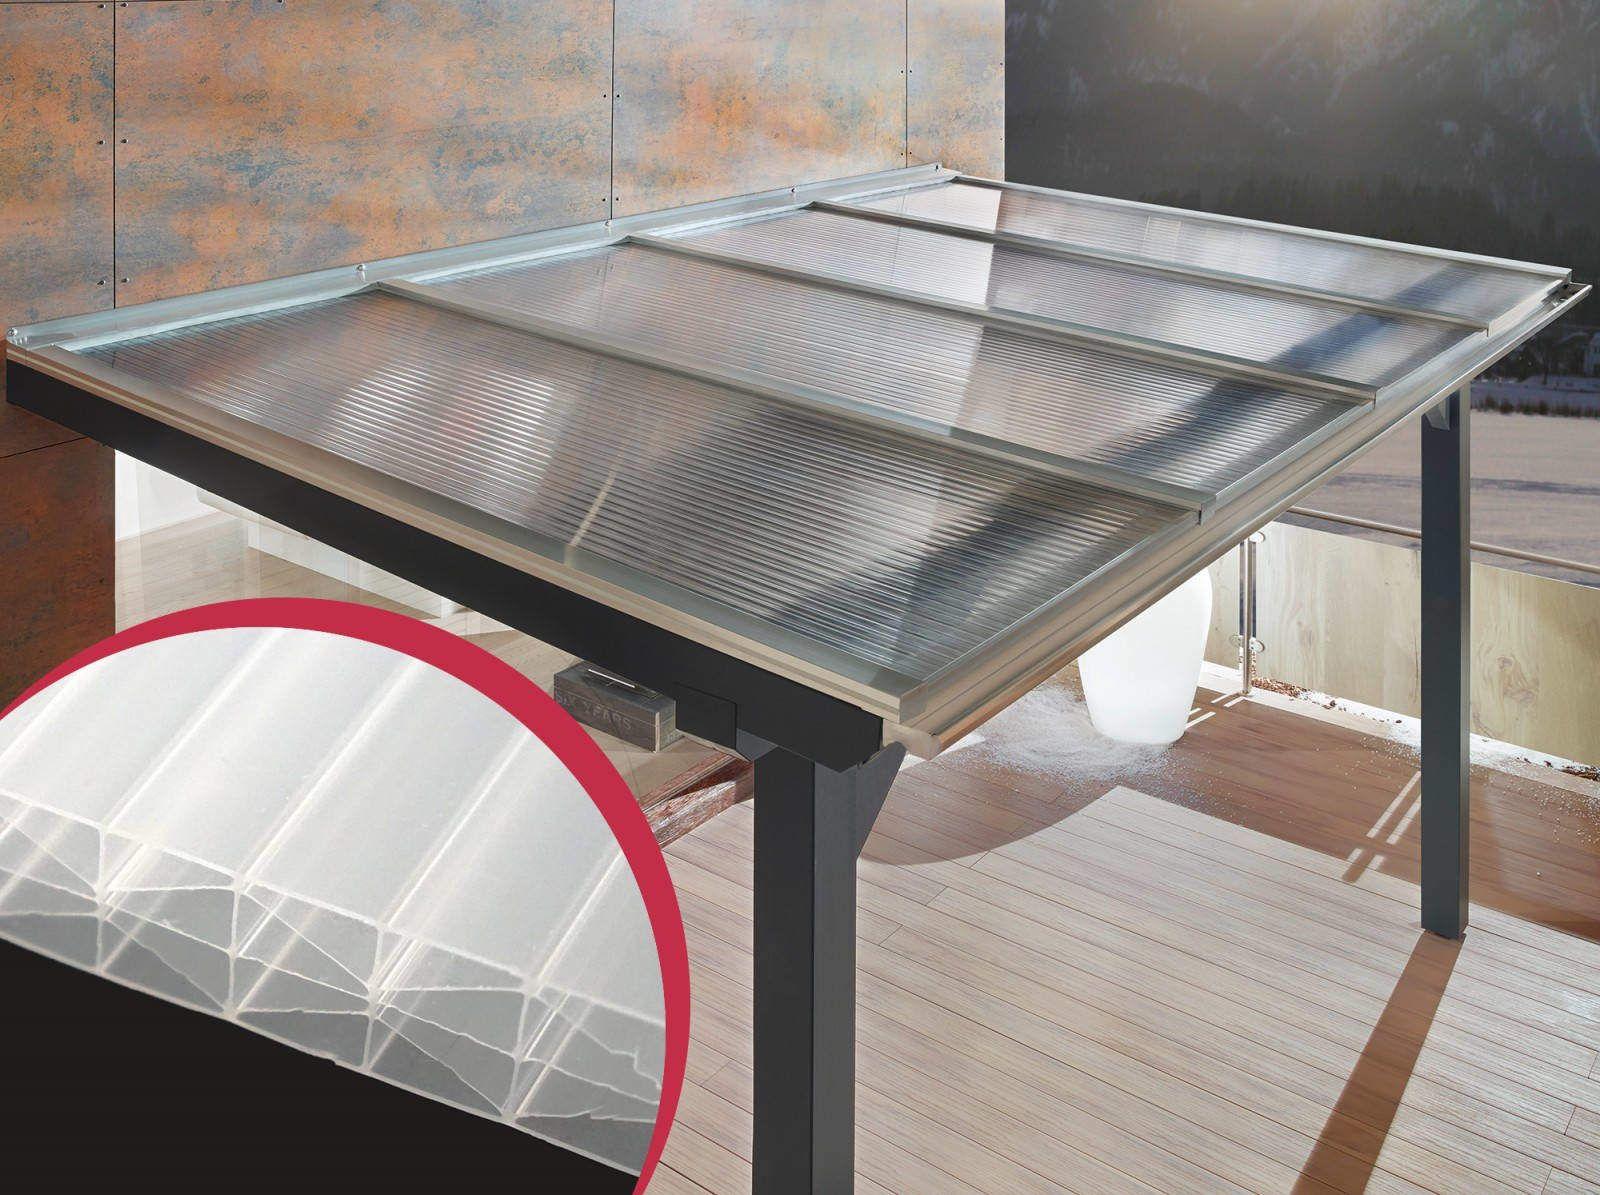 Polycarbonat Doppelstegplatten X Struktur 16 Mm Opal Doppelstegplatten Terrassenuberdachung Uberdachung Terrasse